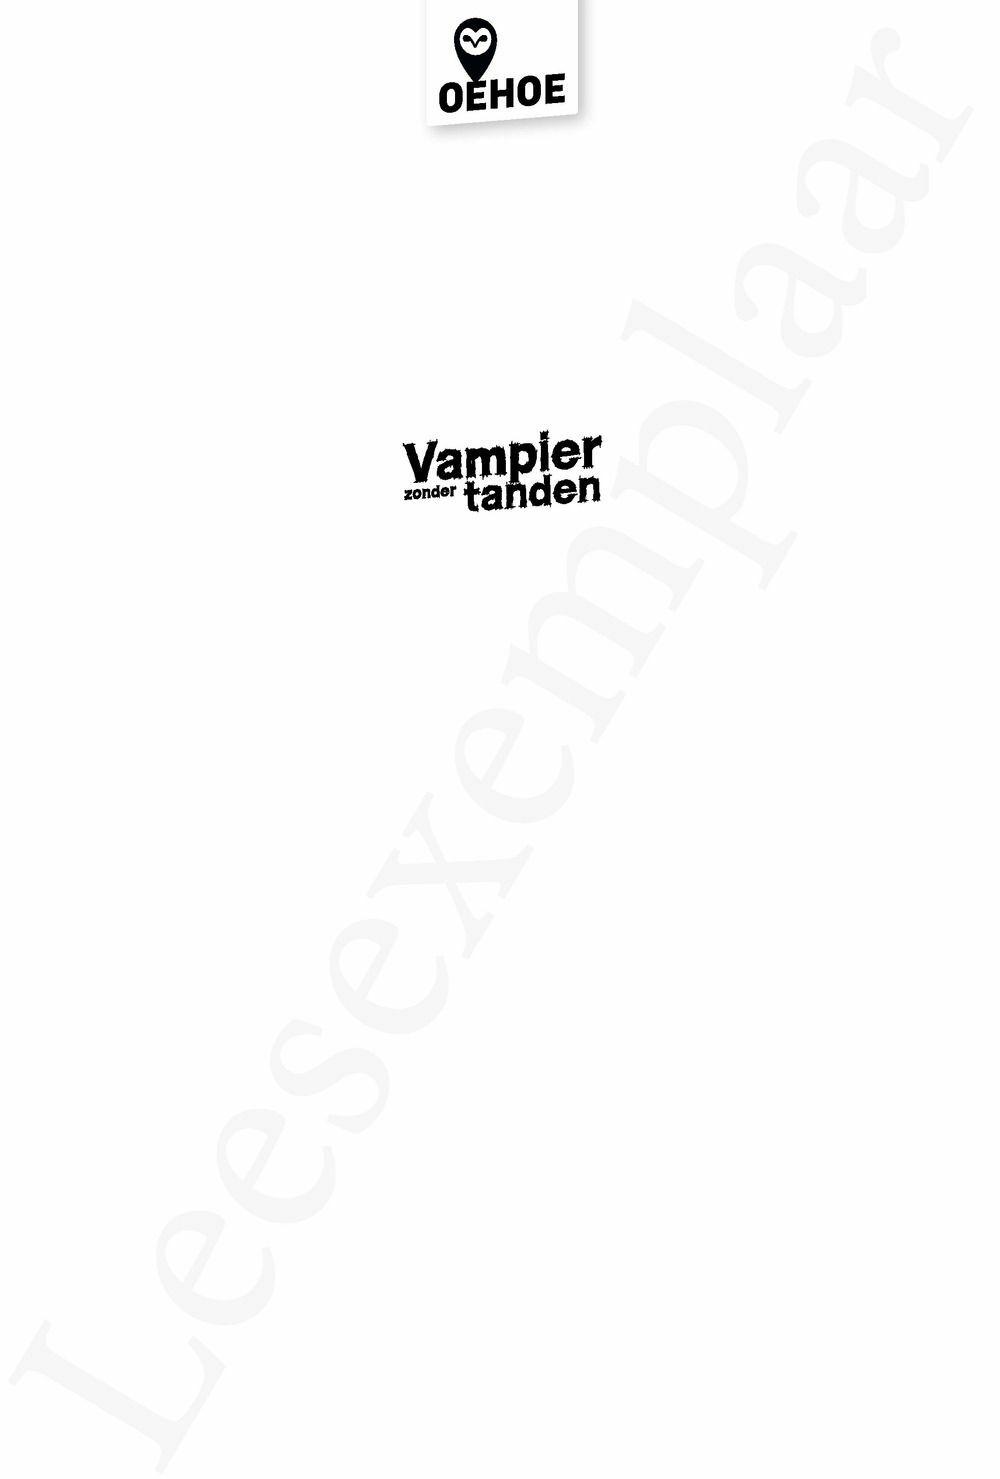 Preview: Vampier zonder tanden